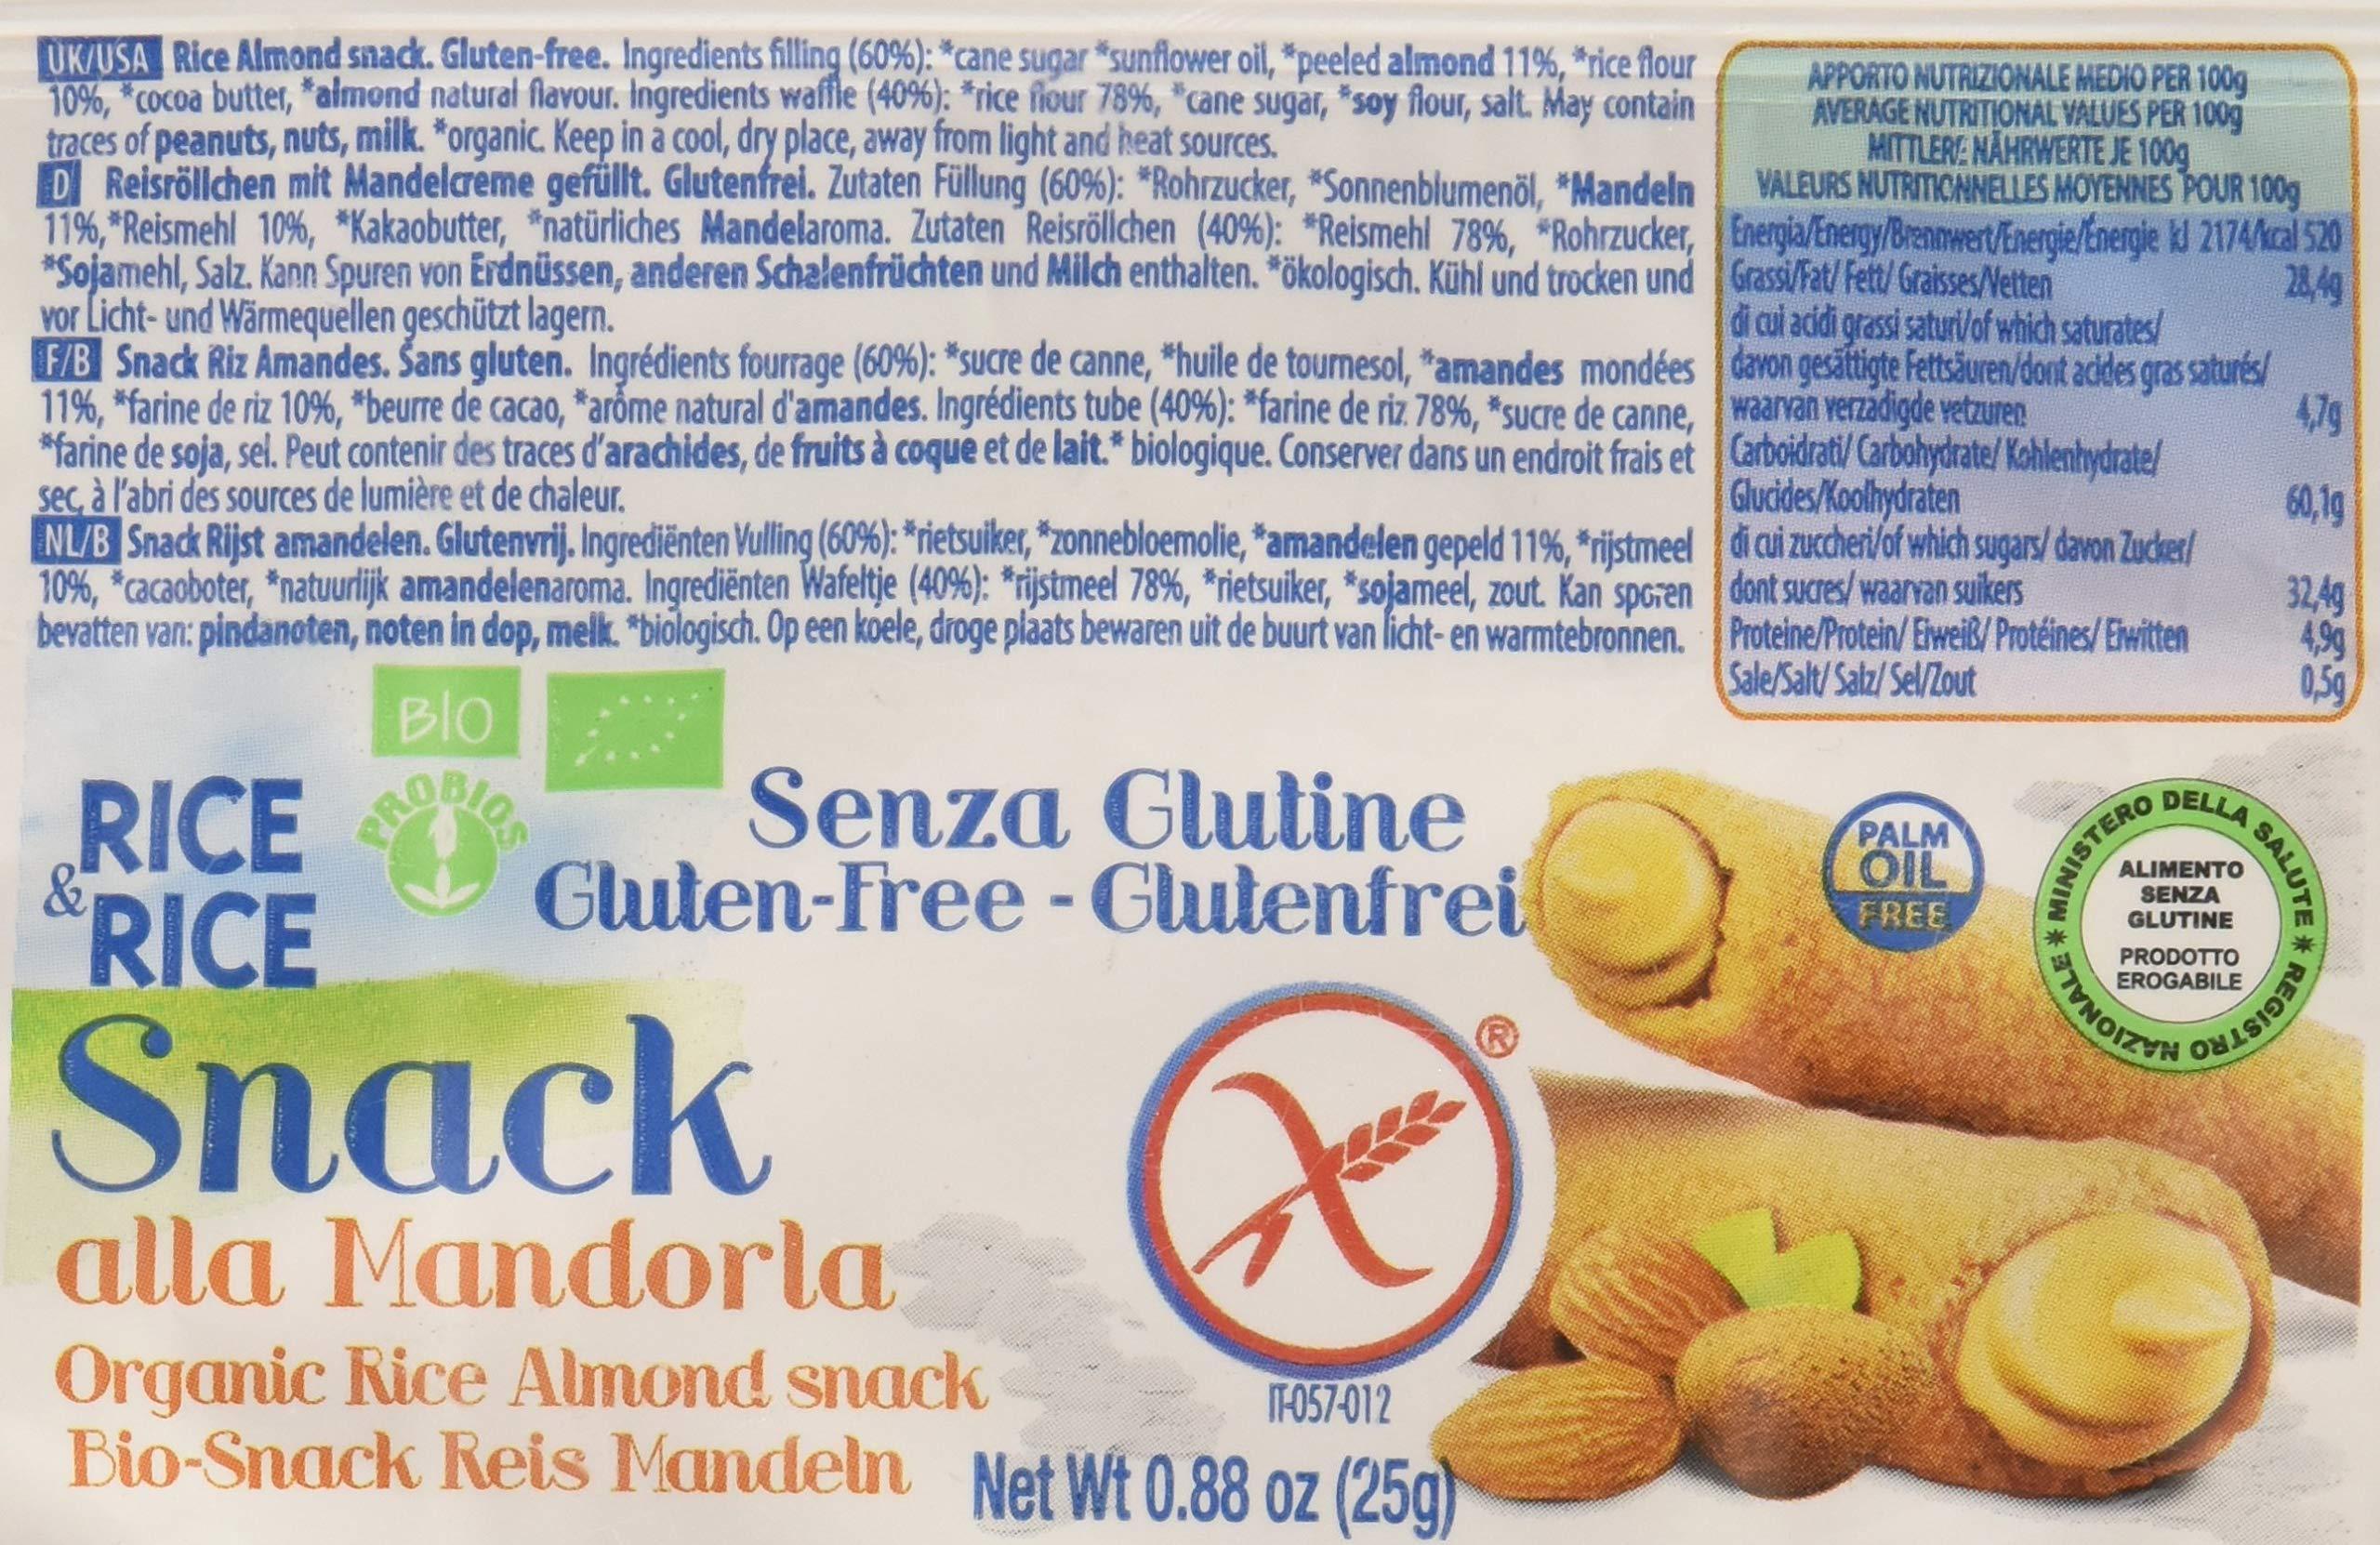 Probios Snack di Riso alla Mandorla - 24 confezioni da 25 gr, Senza glutine 3 spesavip